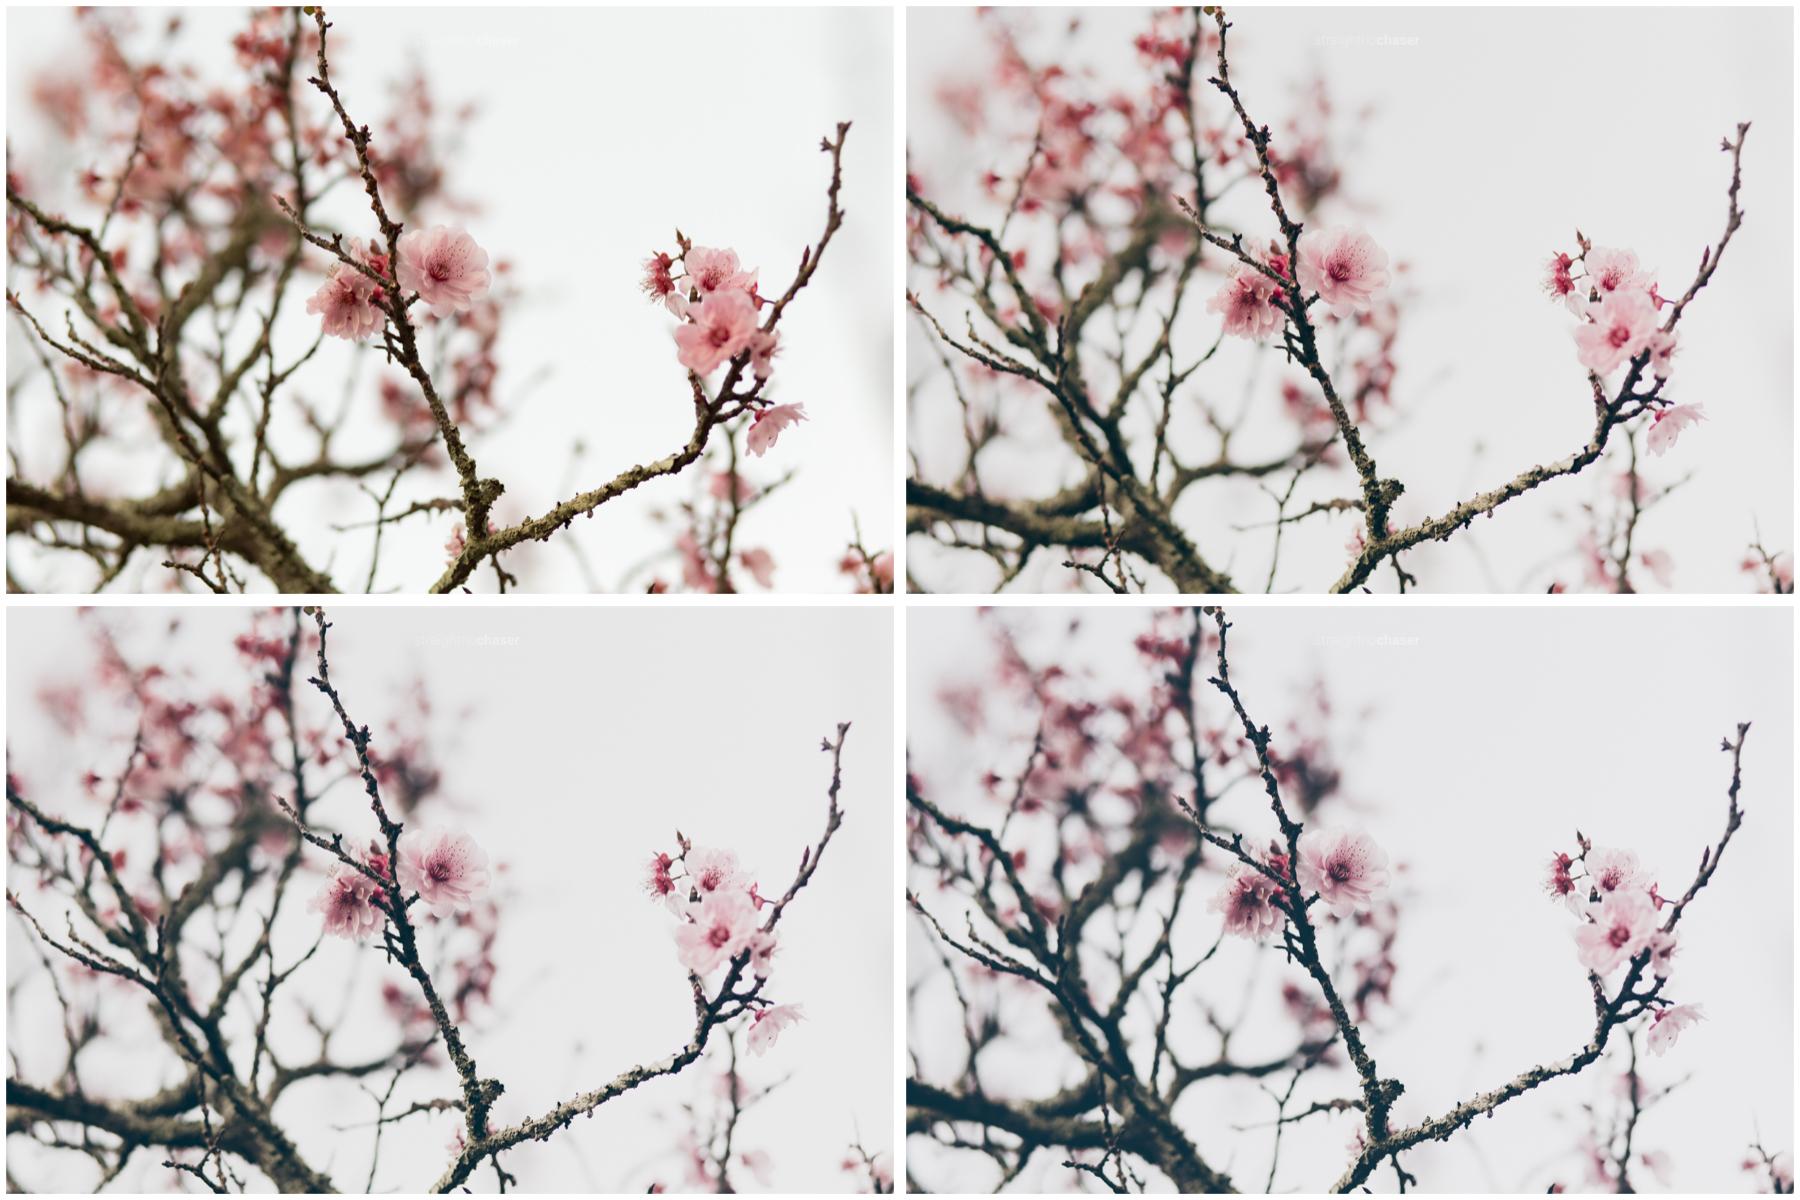 RAW (top left), VM- (top right), VM (bottom left), VM+ (bottom right)